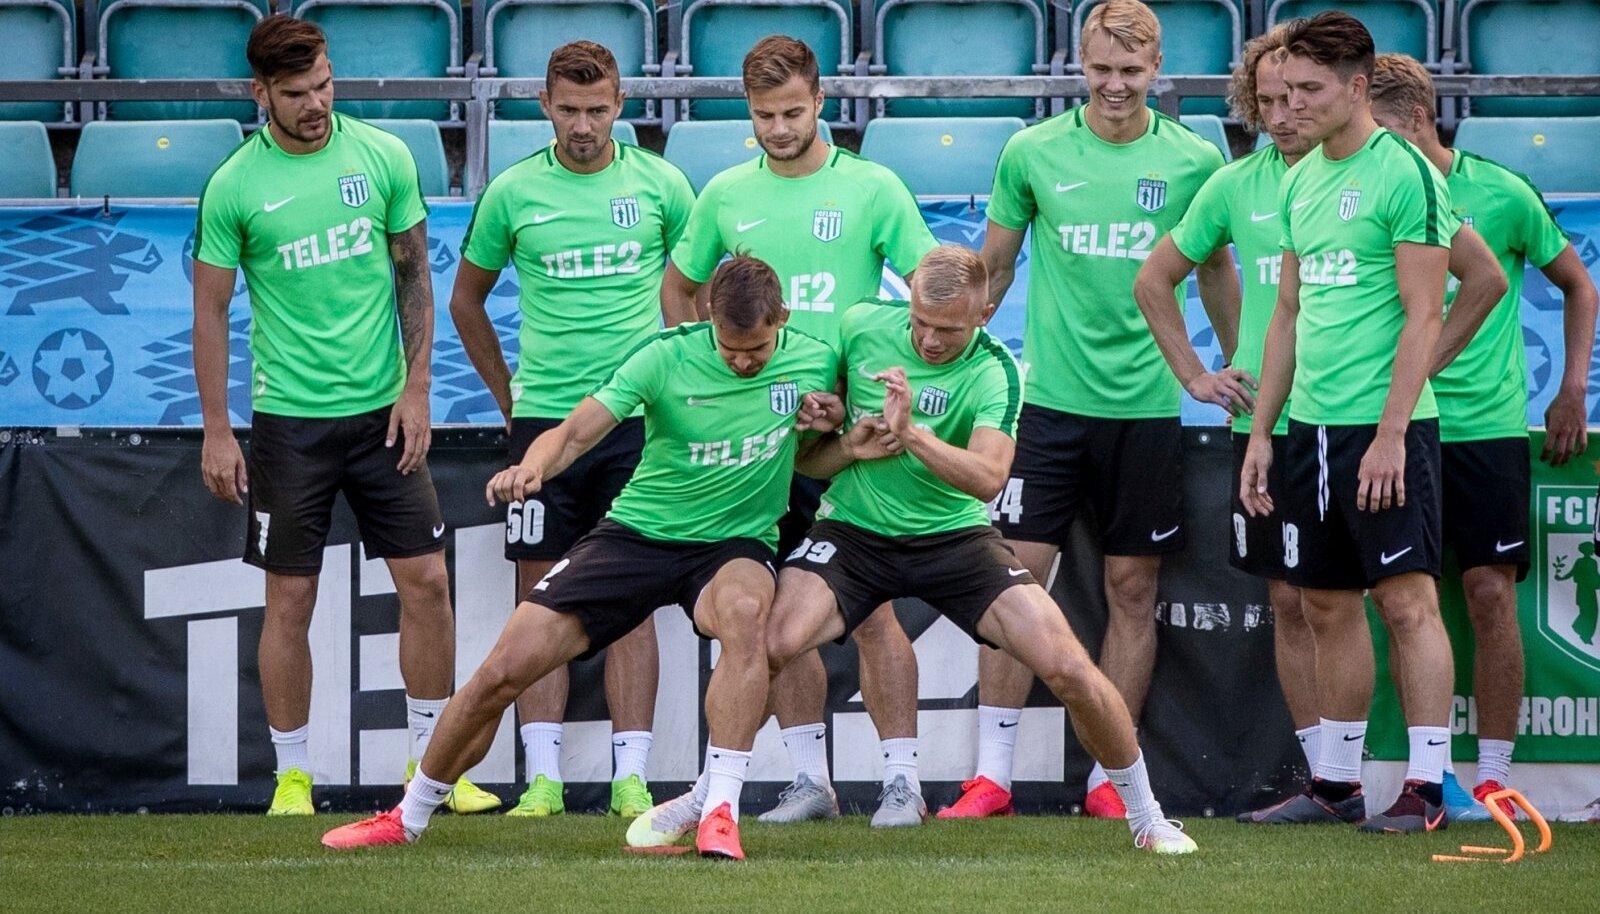 FC Flora mängueelsel treeningul.